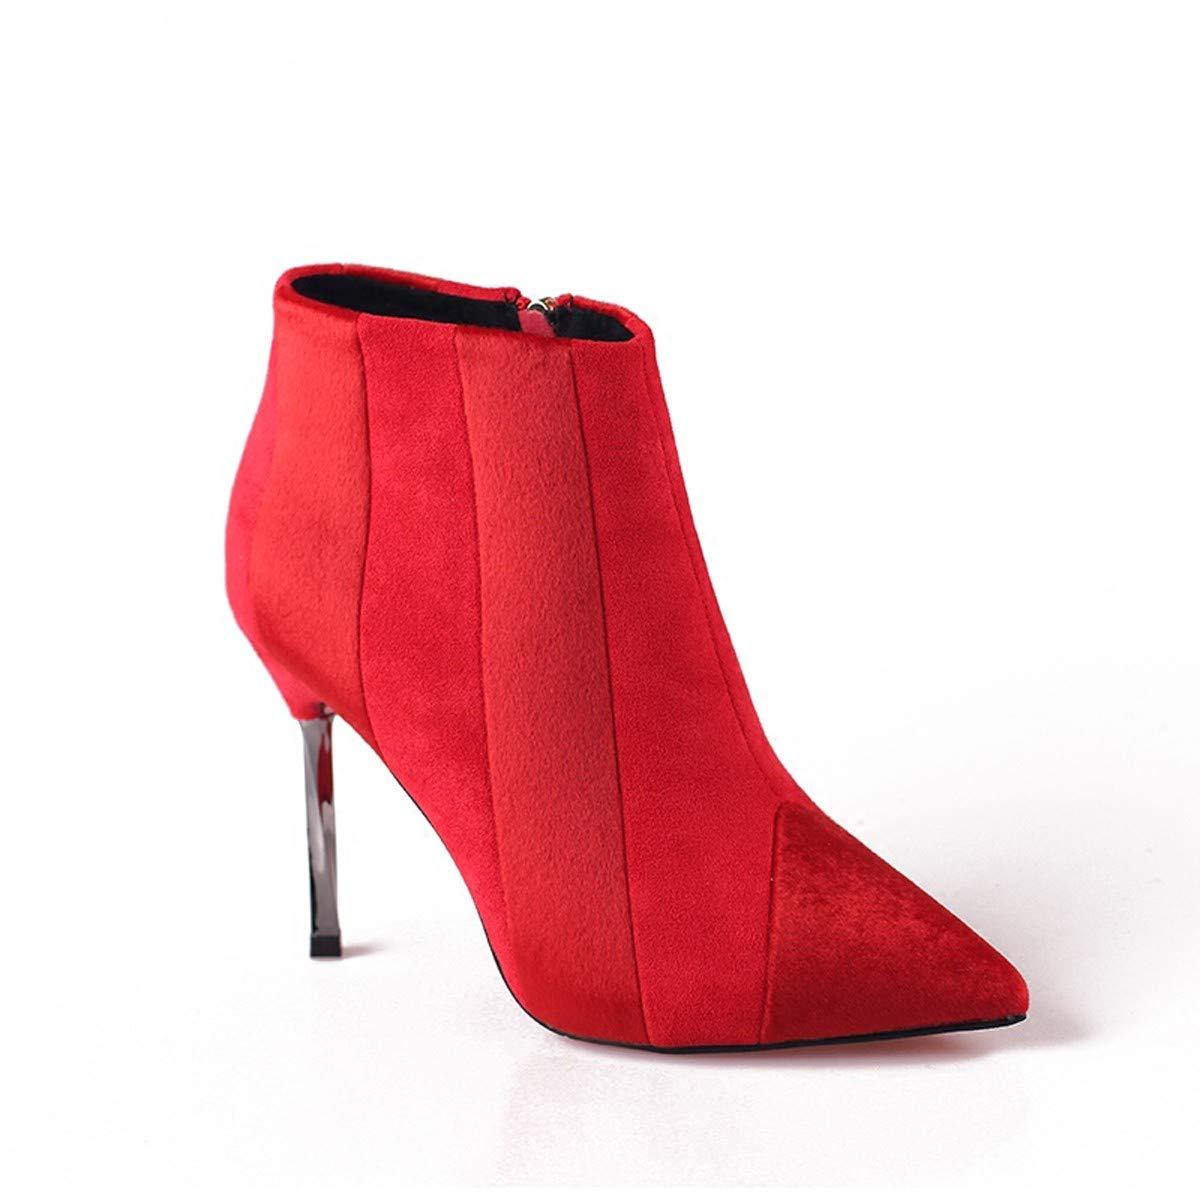 LBTSQ-Gut Bei Fuß 10Cm Spitzen Stiefeln Zusammenfügen High Heels Braut Die Hochzeit Schuhe Und Stiefeletten.